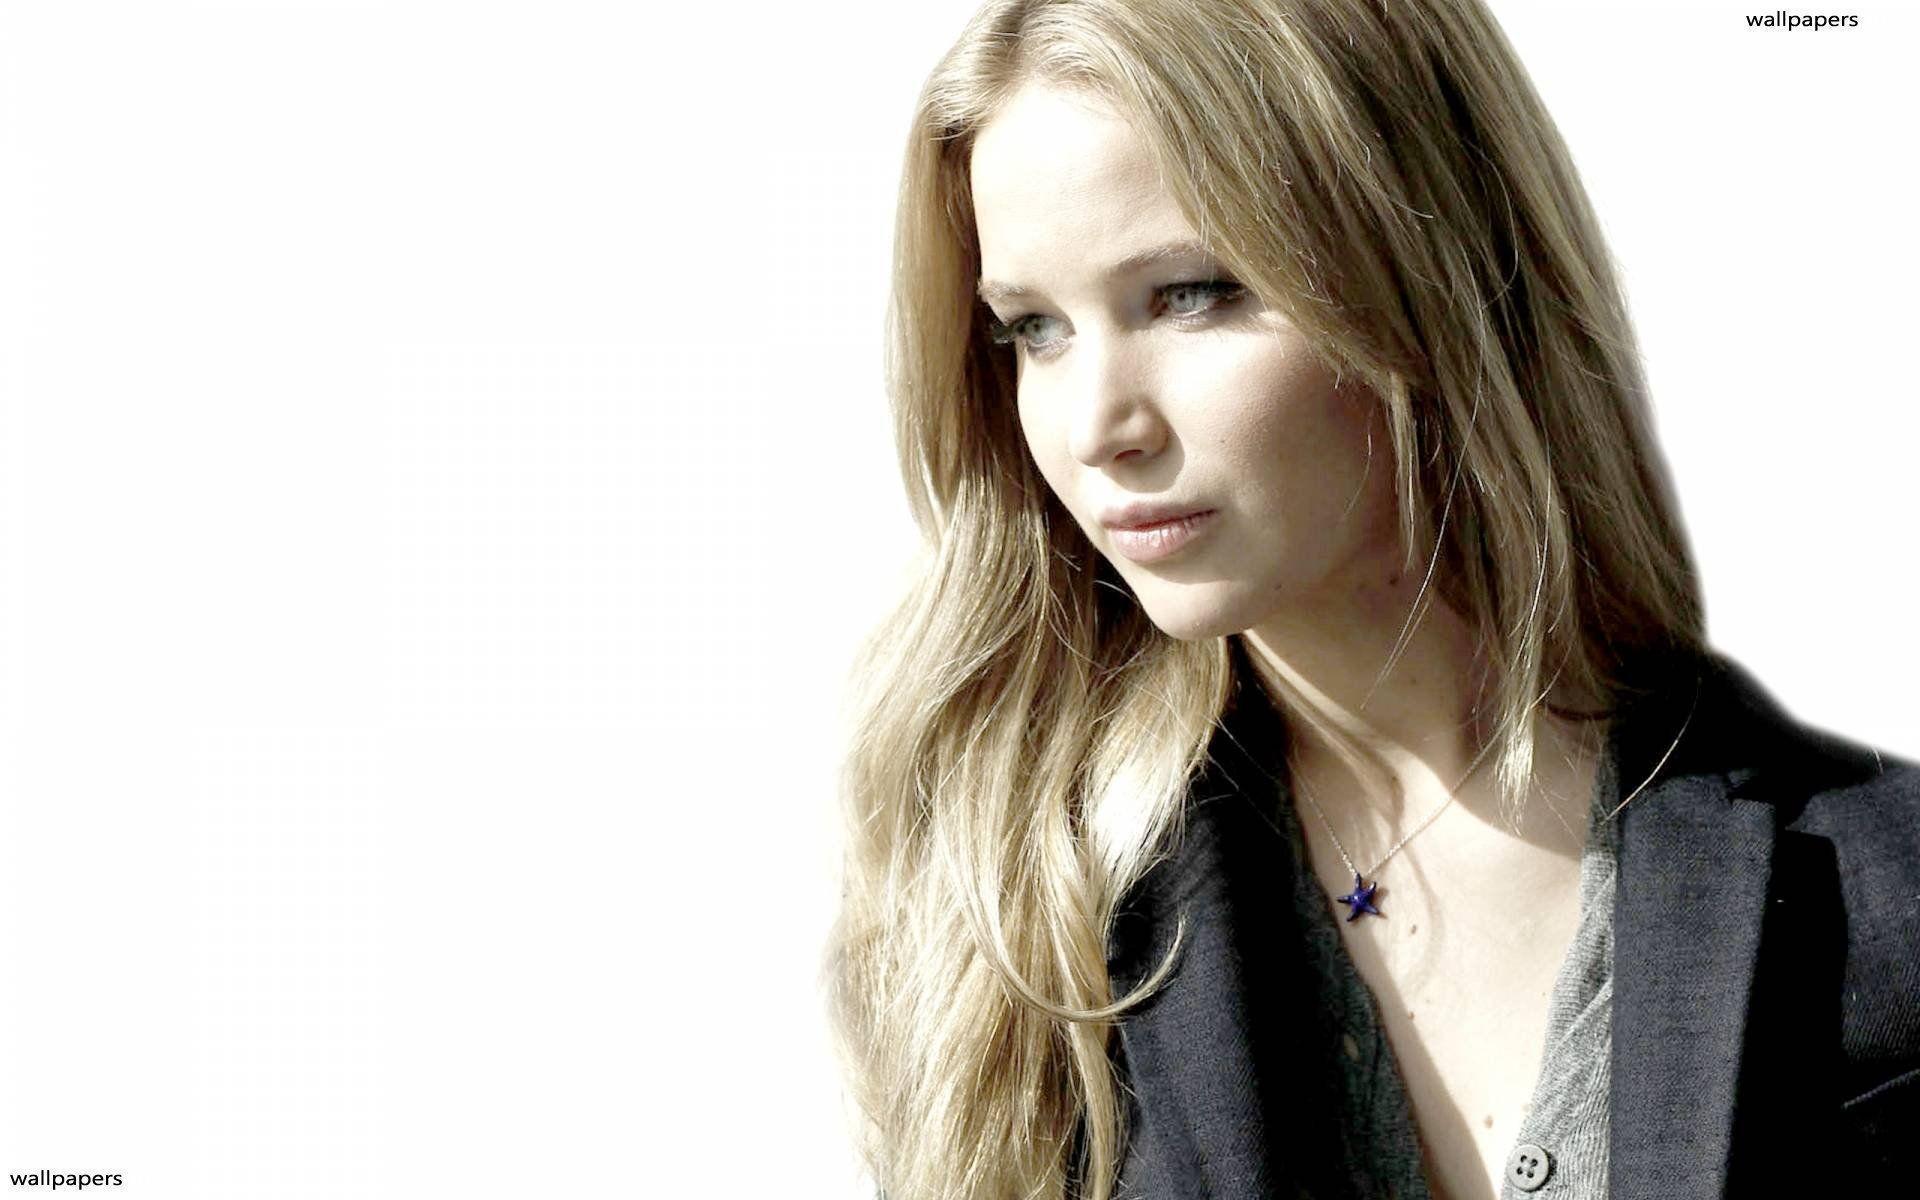 Jennifer Lawrence Wallpapers - HD Wallpapers Inn